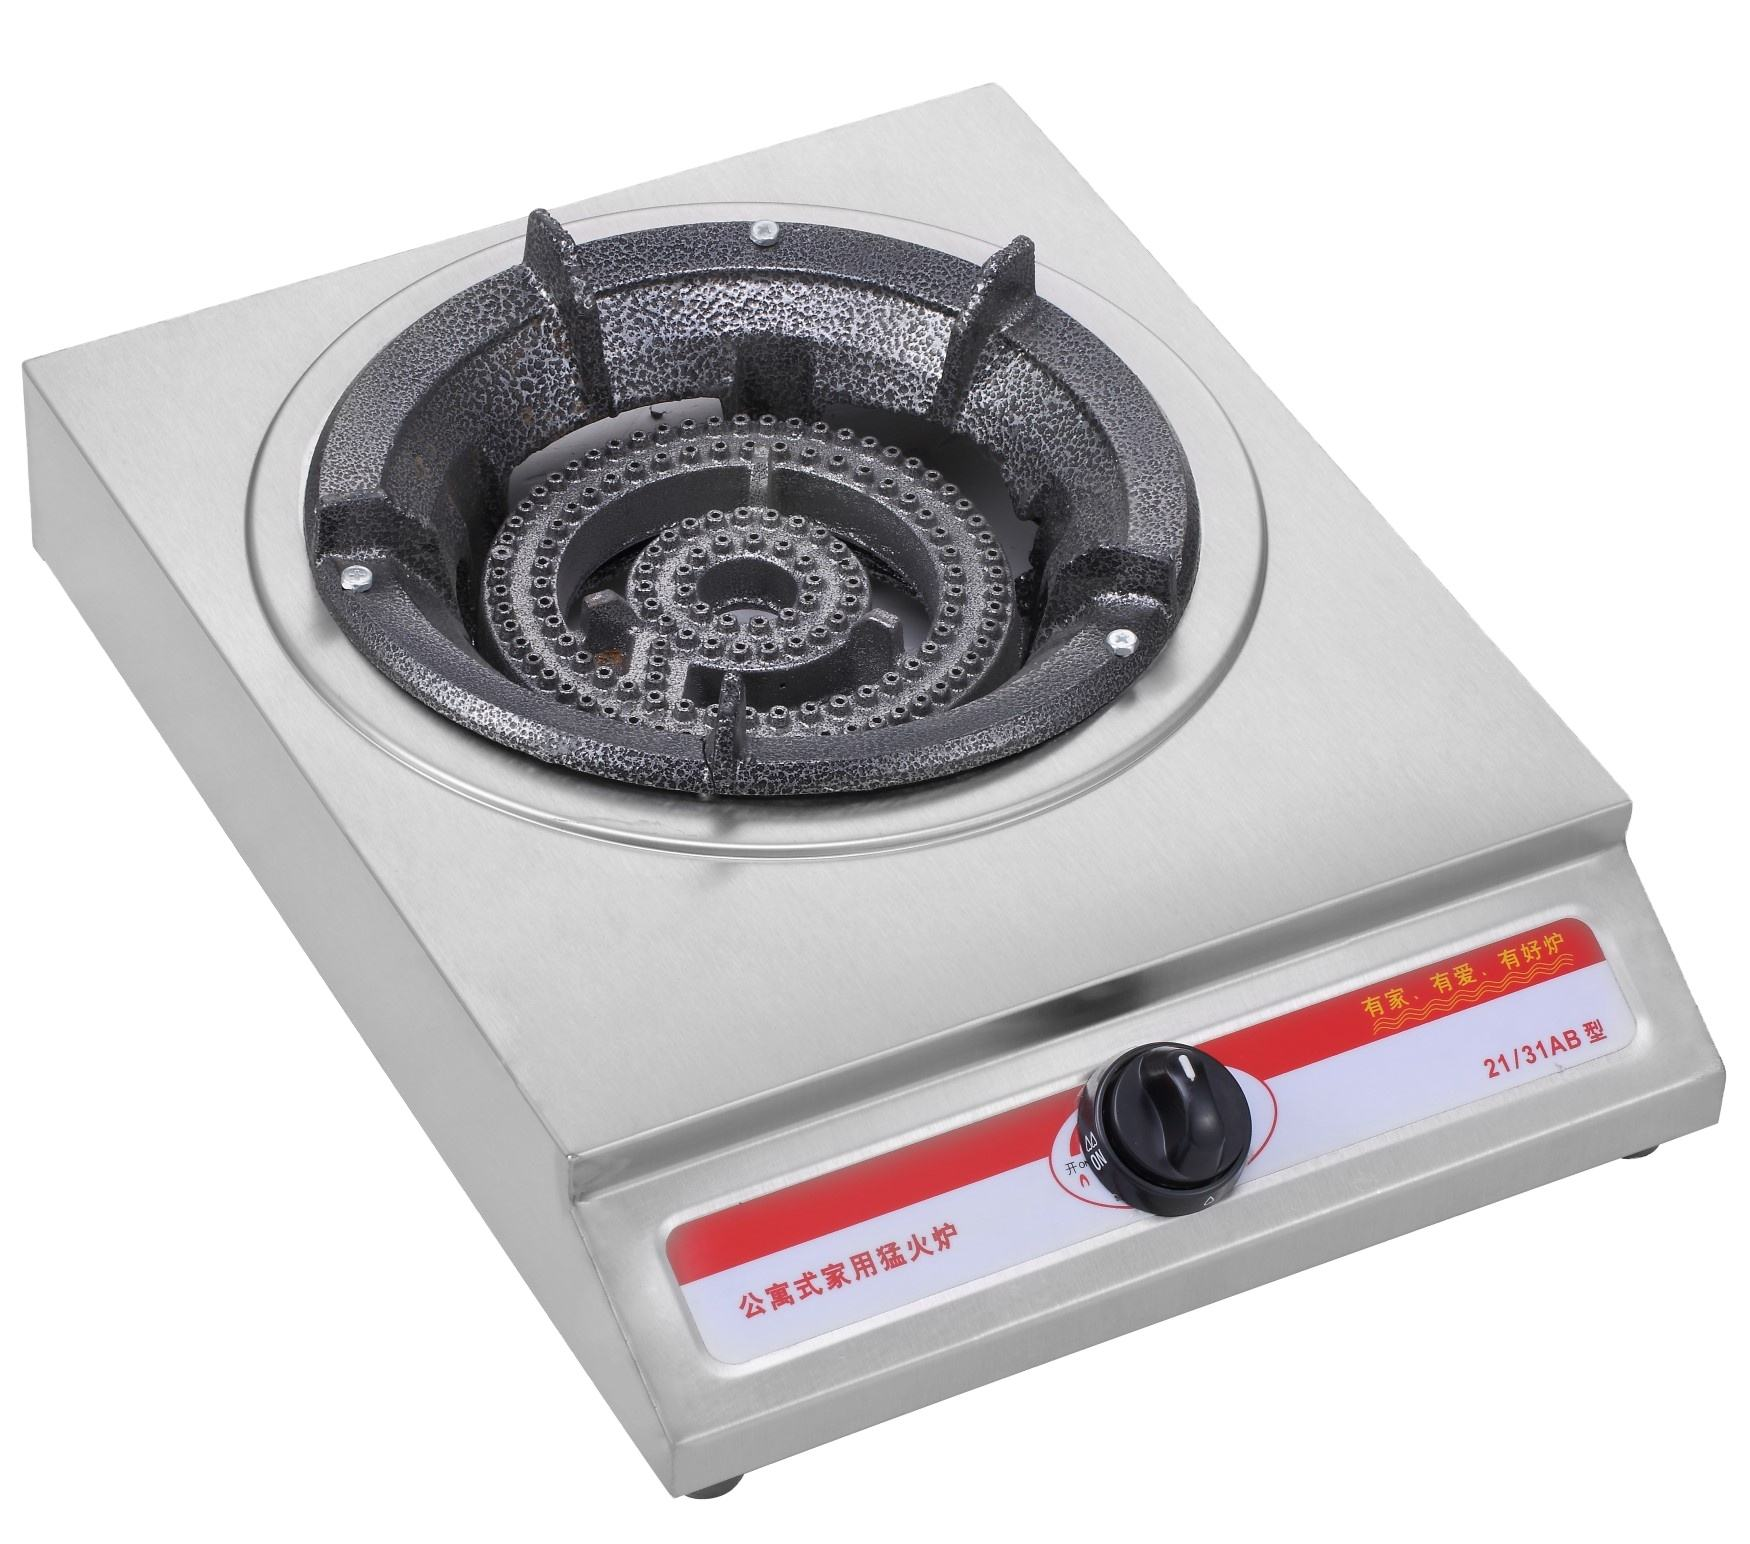 Solo quemador de la estufa de gas eléctrica comprar gas aparatos de cocina